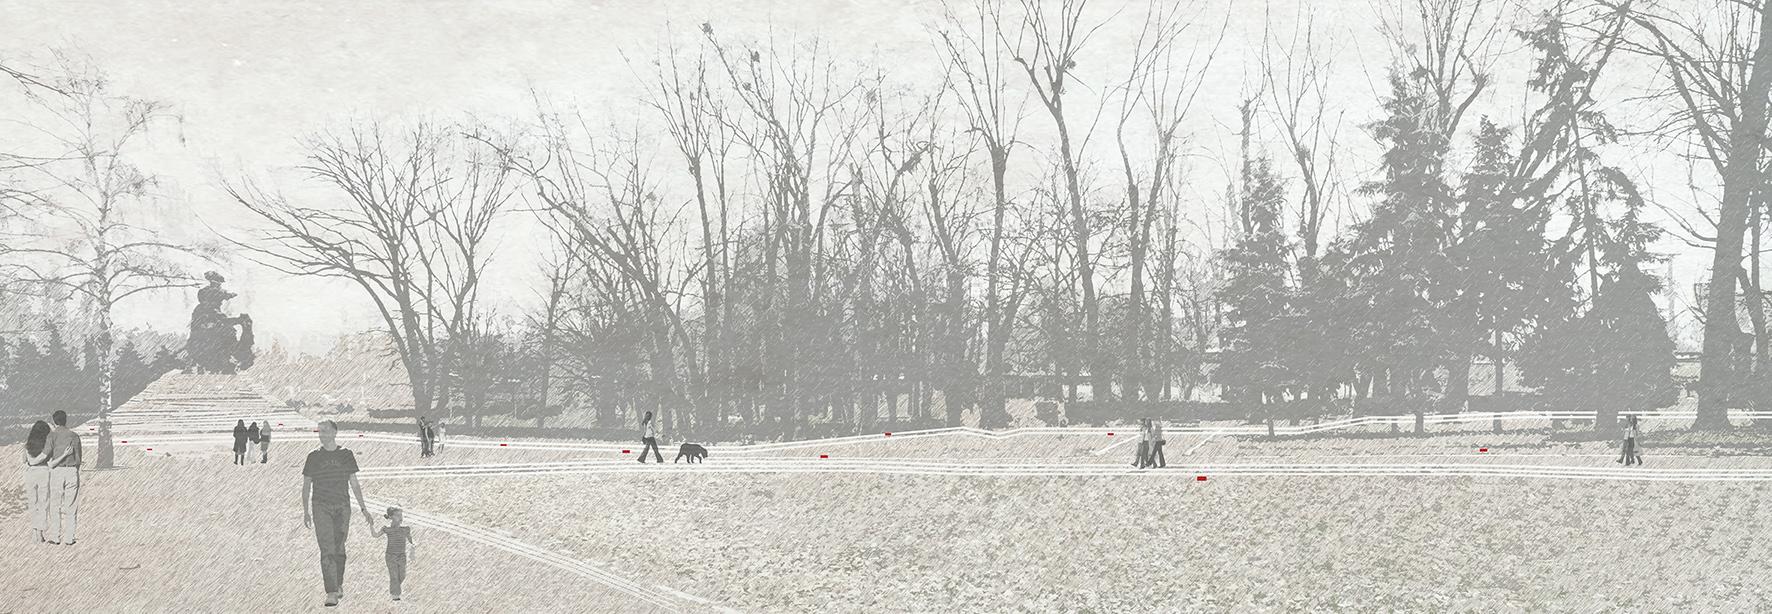 1/8, f16, iso200 with a {lens type} at18mm on a Canon EOS 5D Mark III, Photo: Andrey Mikhaylov Babi_Yar_photo in Kyiv  at 23 12 2015 фотофиксация Бабий Яр